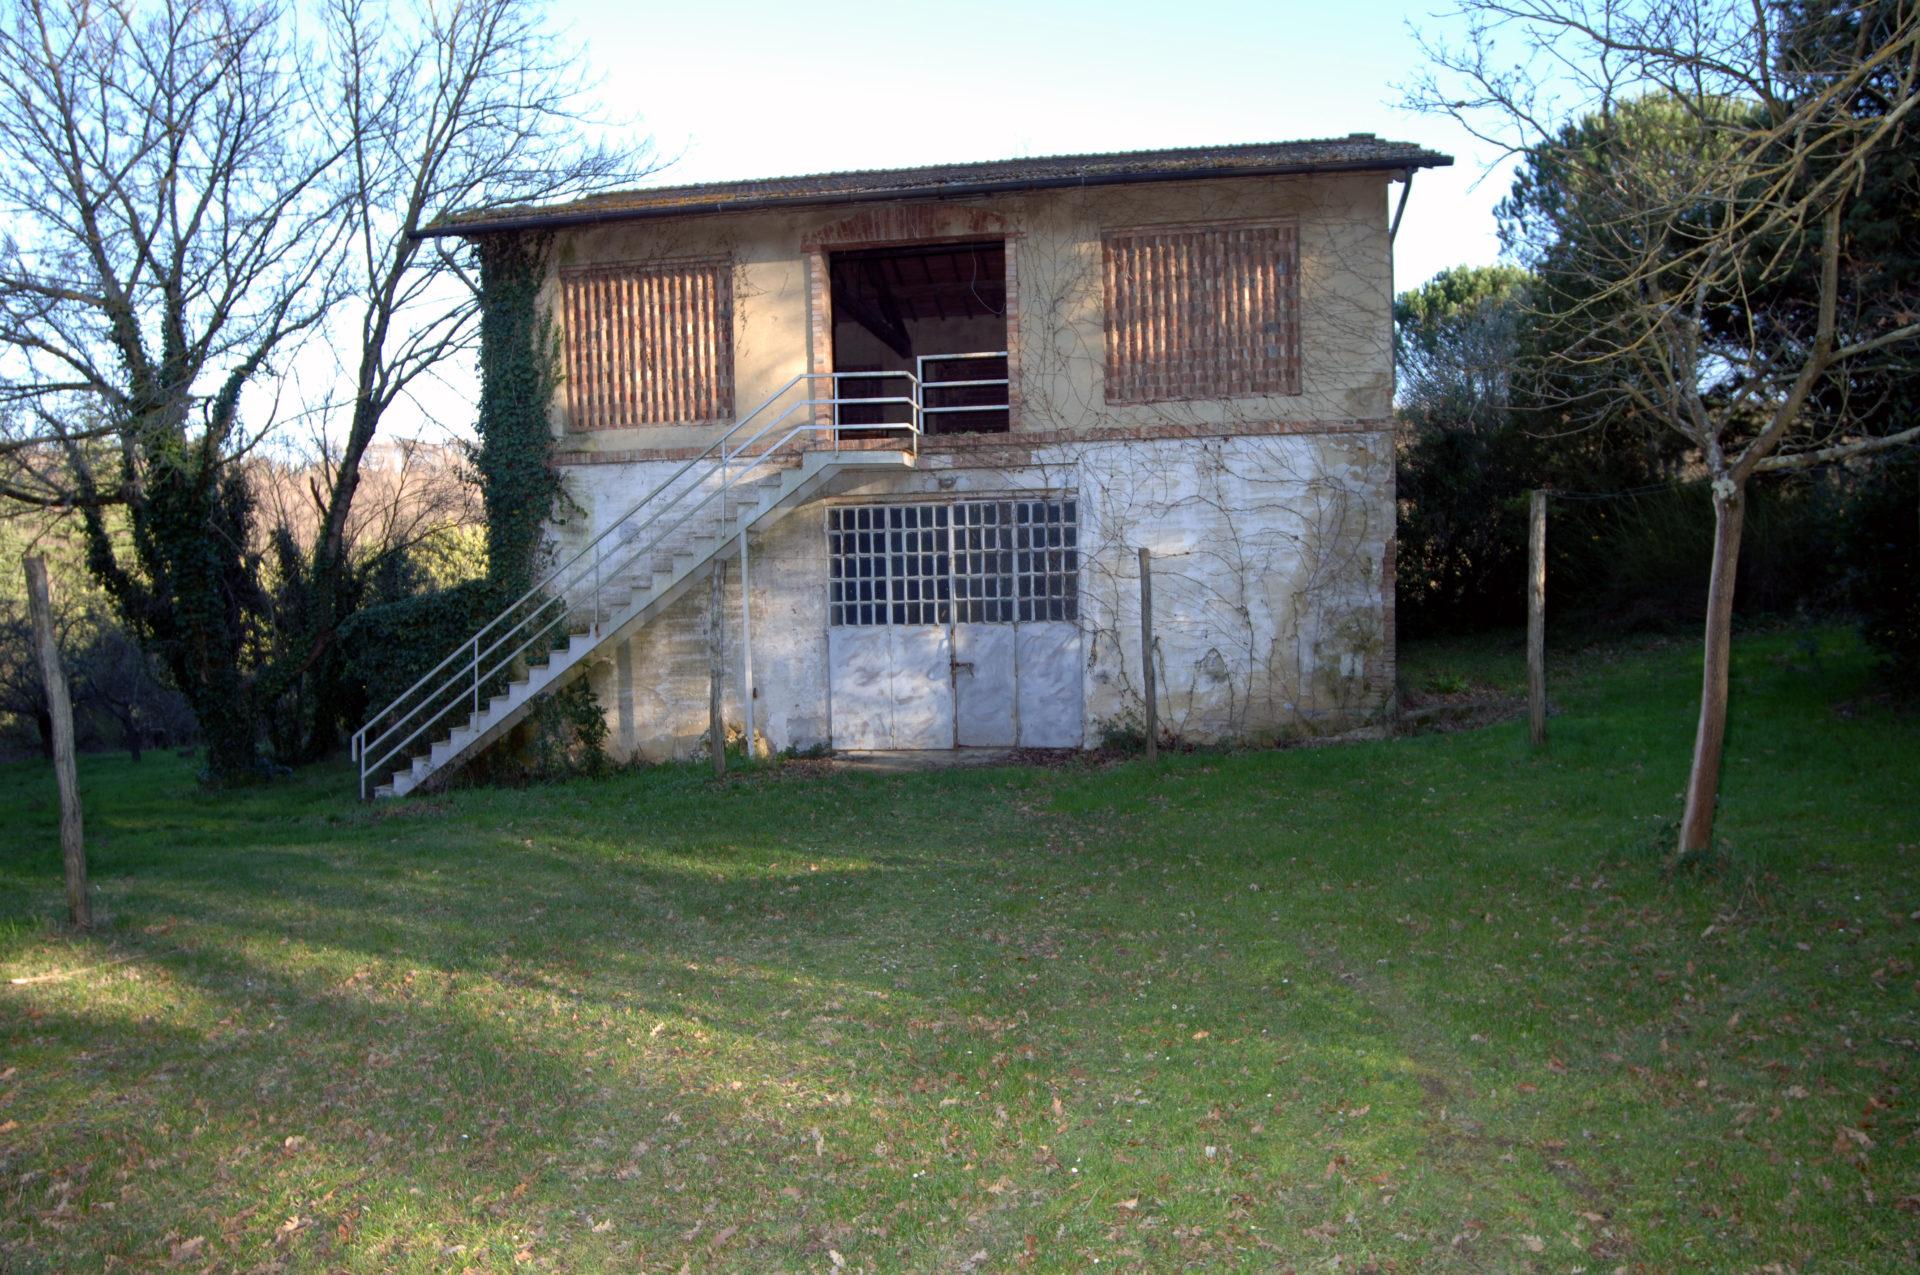 Casa di campagna fauglia 12 toscana film commission for Casa di campagna toscana